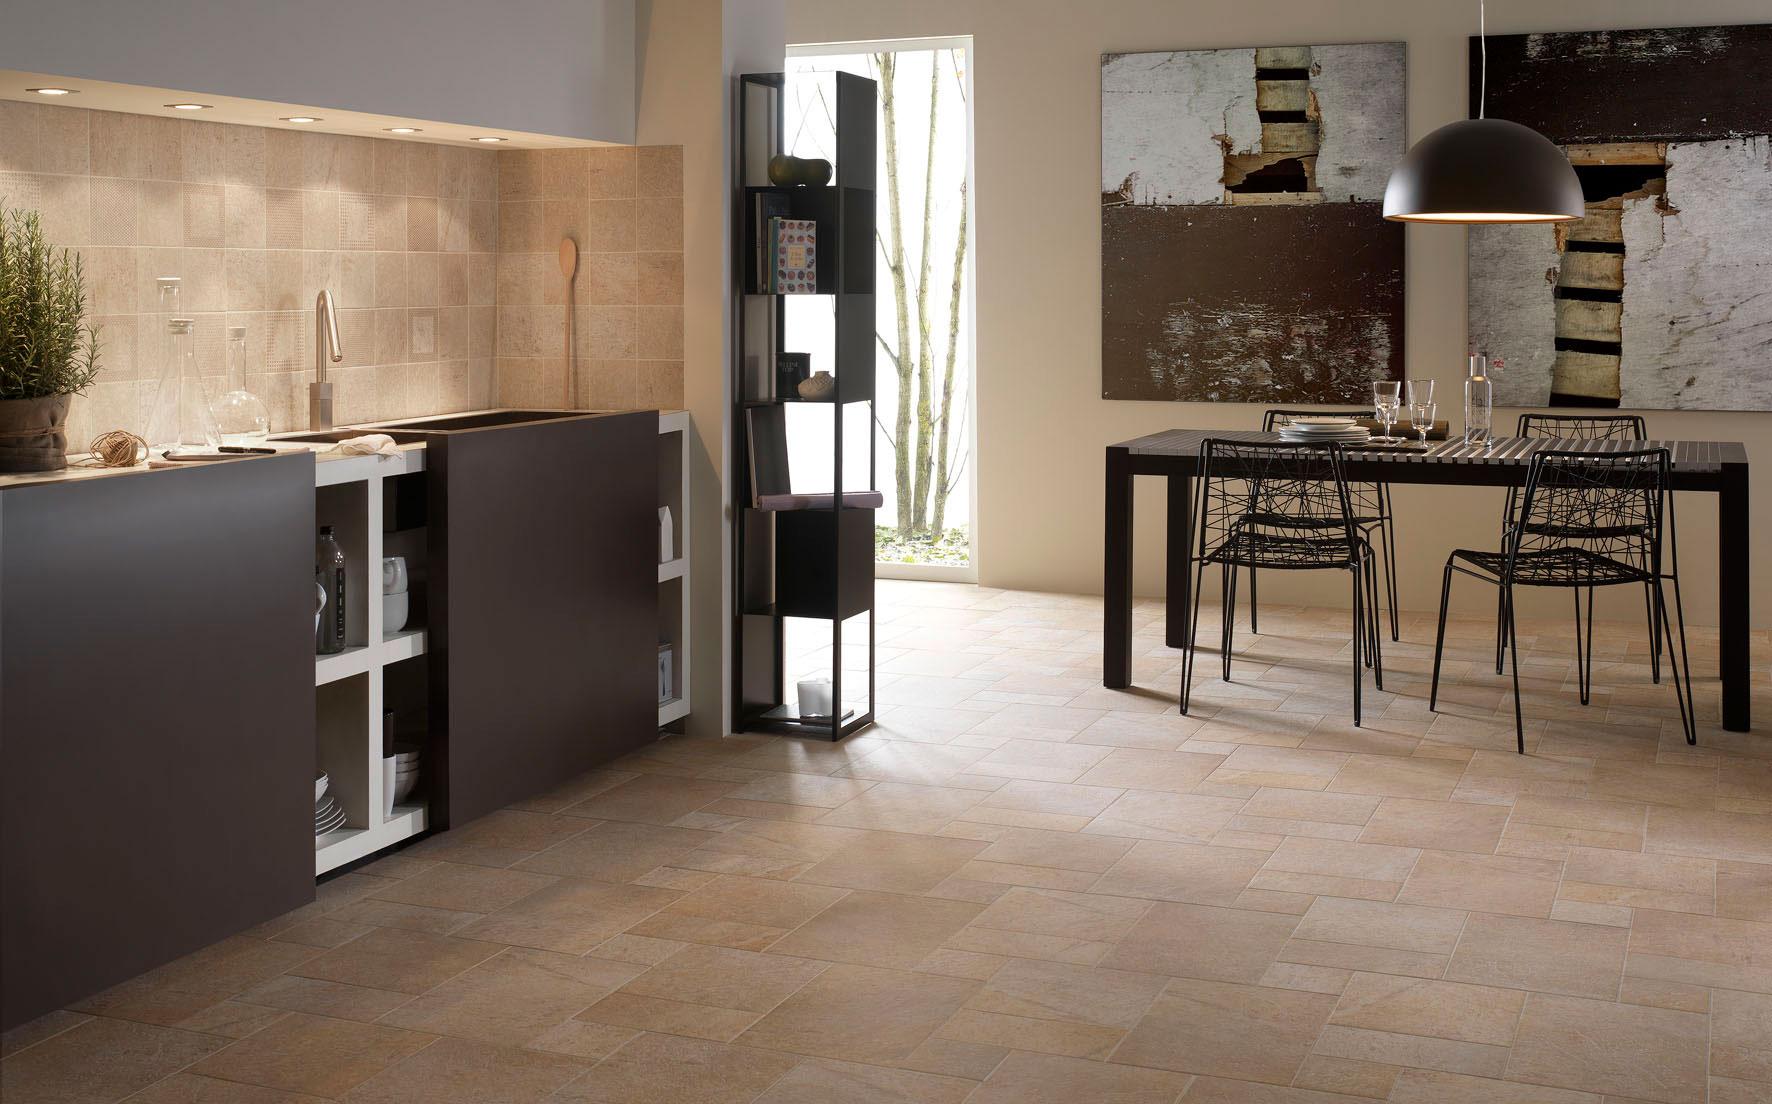 Interni ed esterni living e bagno le caratteristiche for Moderni minuscoli kit di case